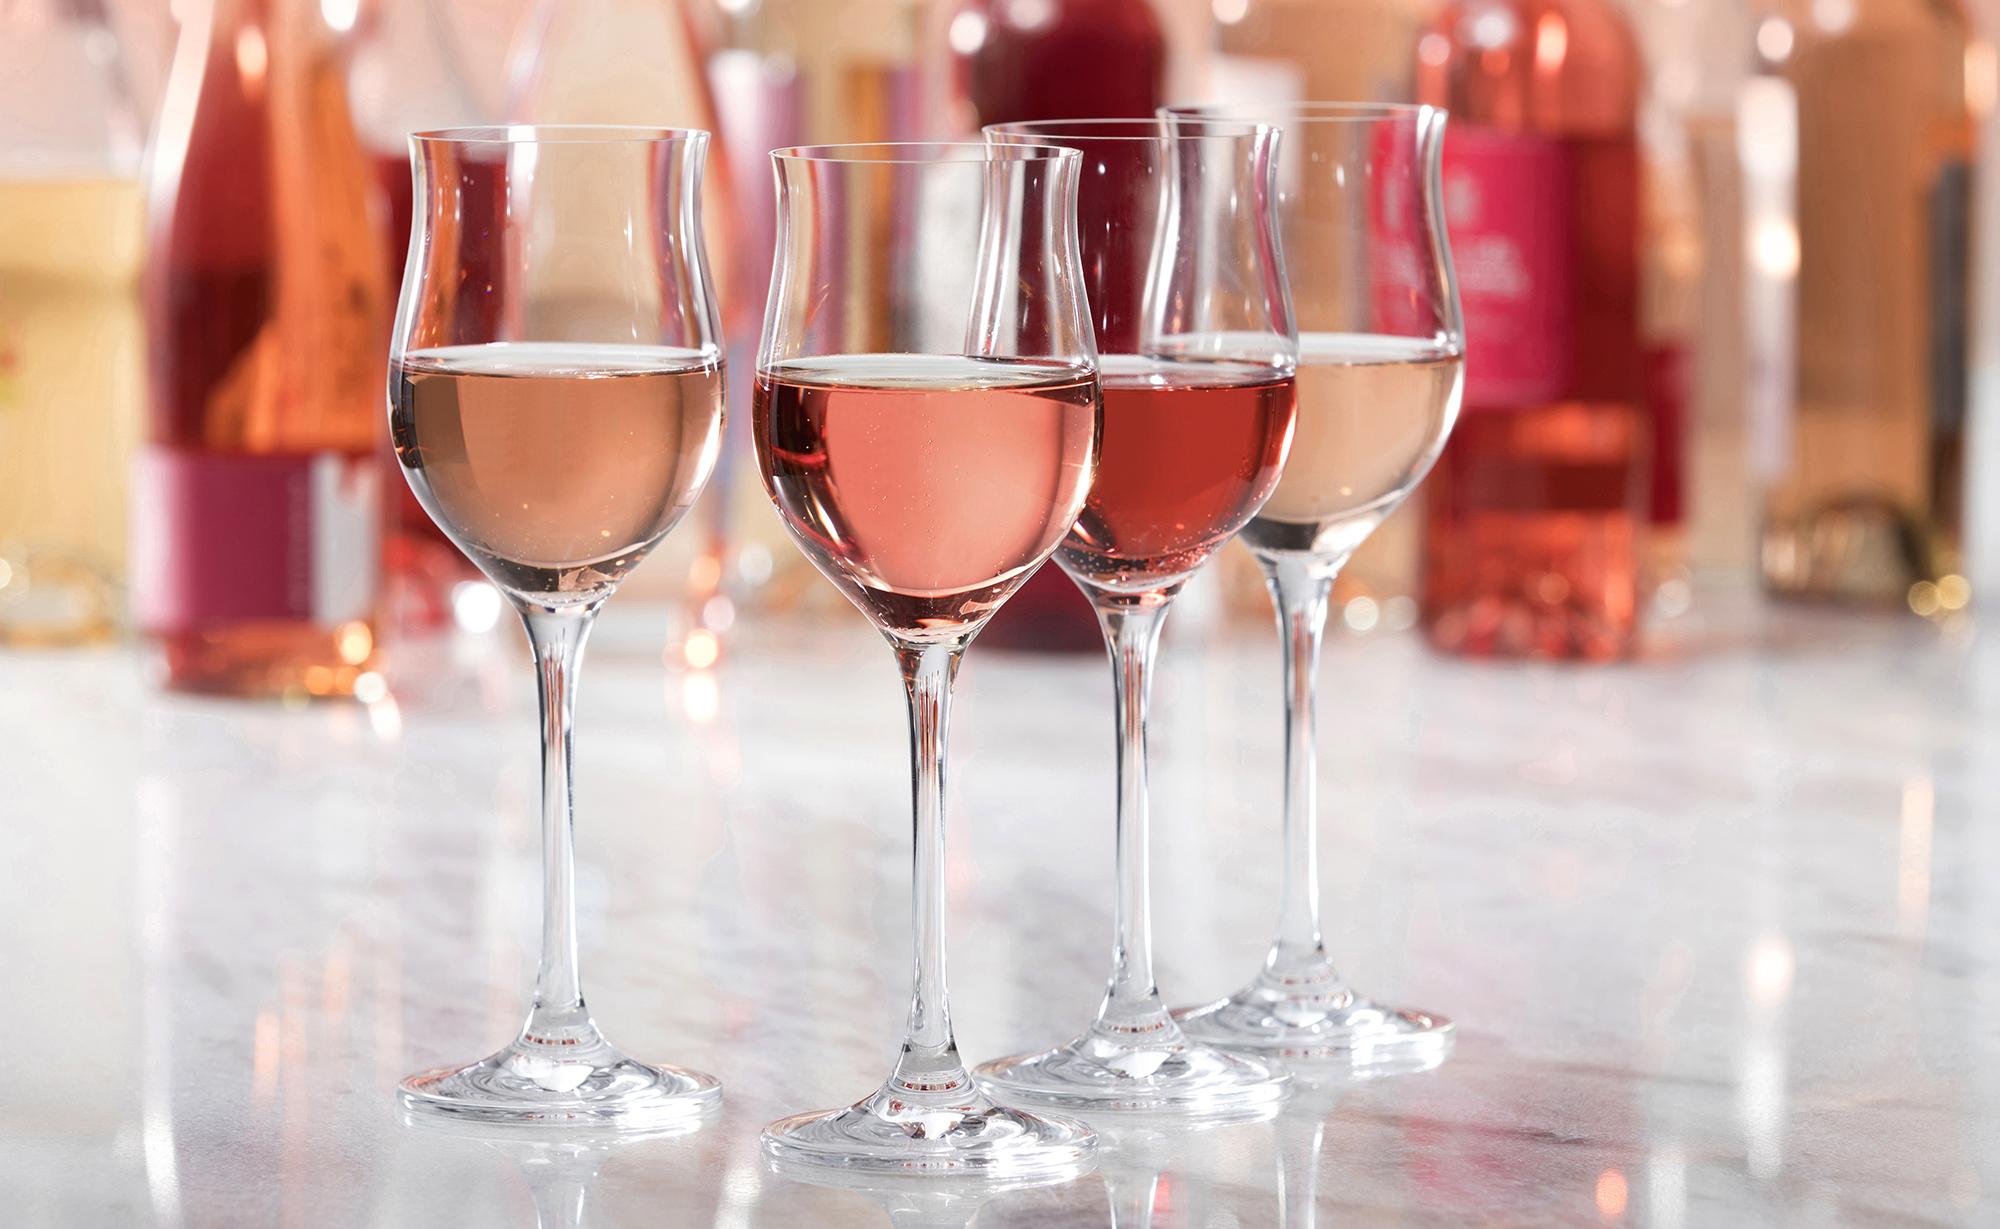 mitos del vino le impidan disfrutar de una copa